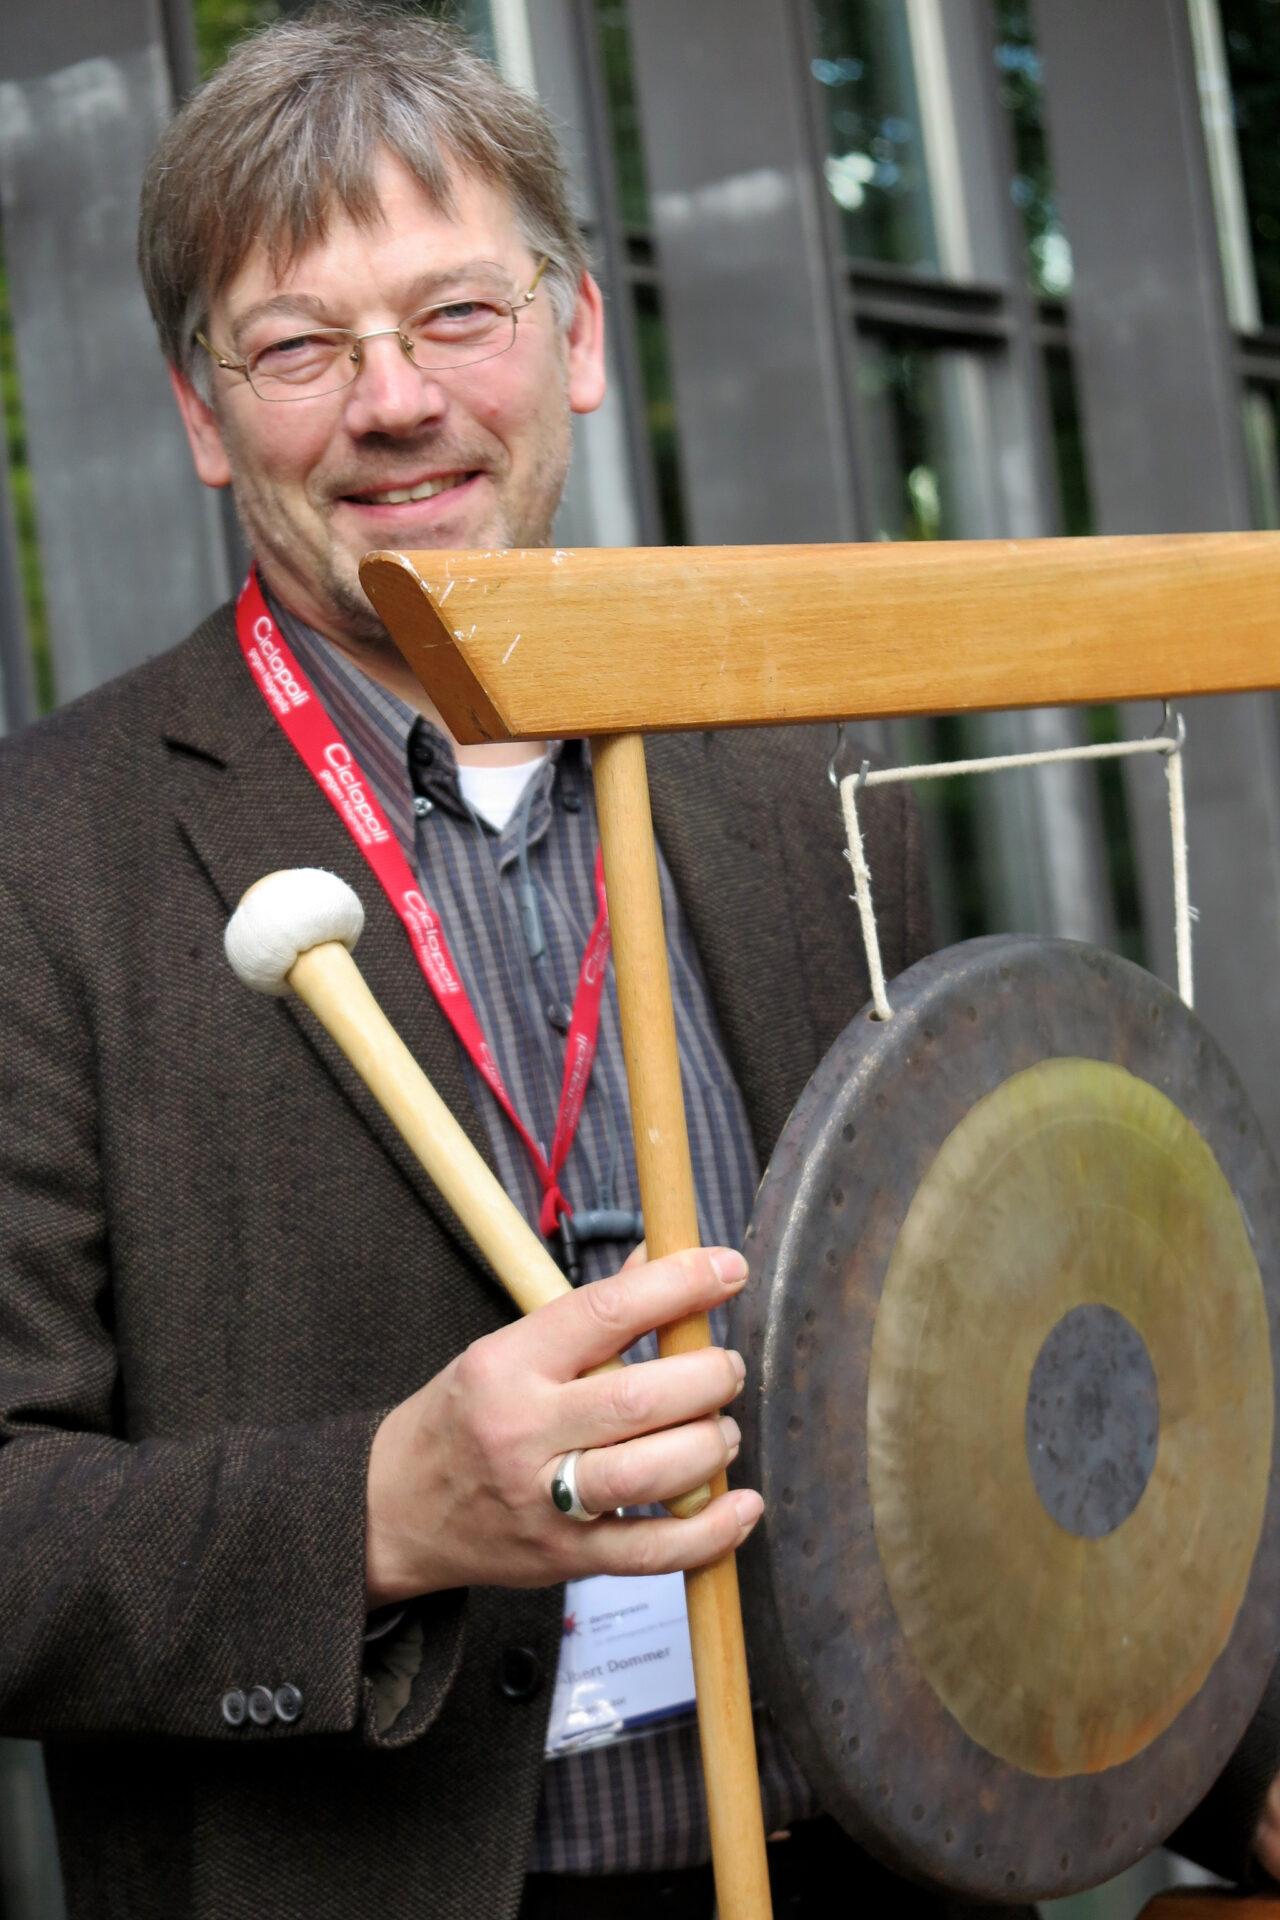 Herr Dommer und der Gong